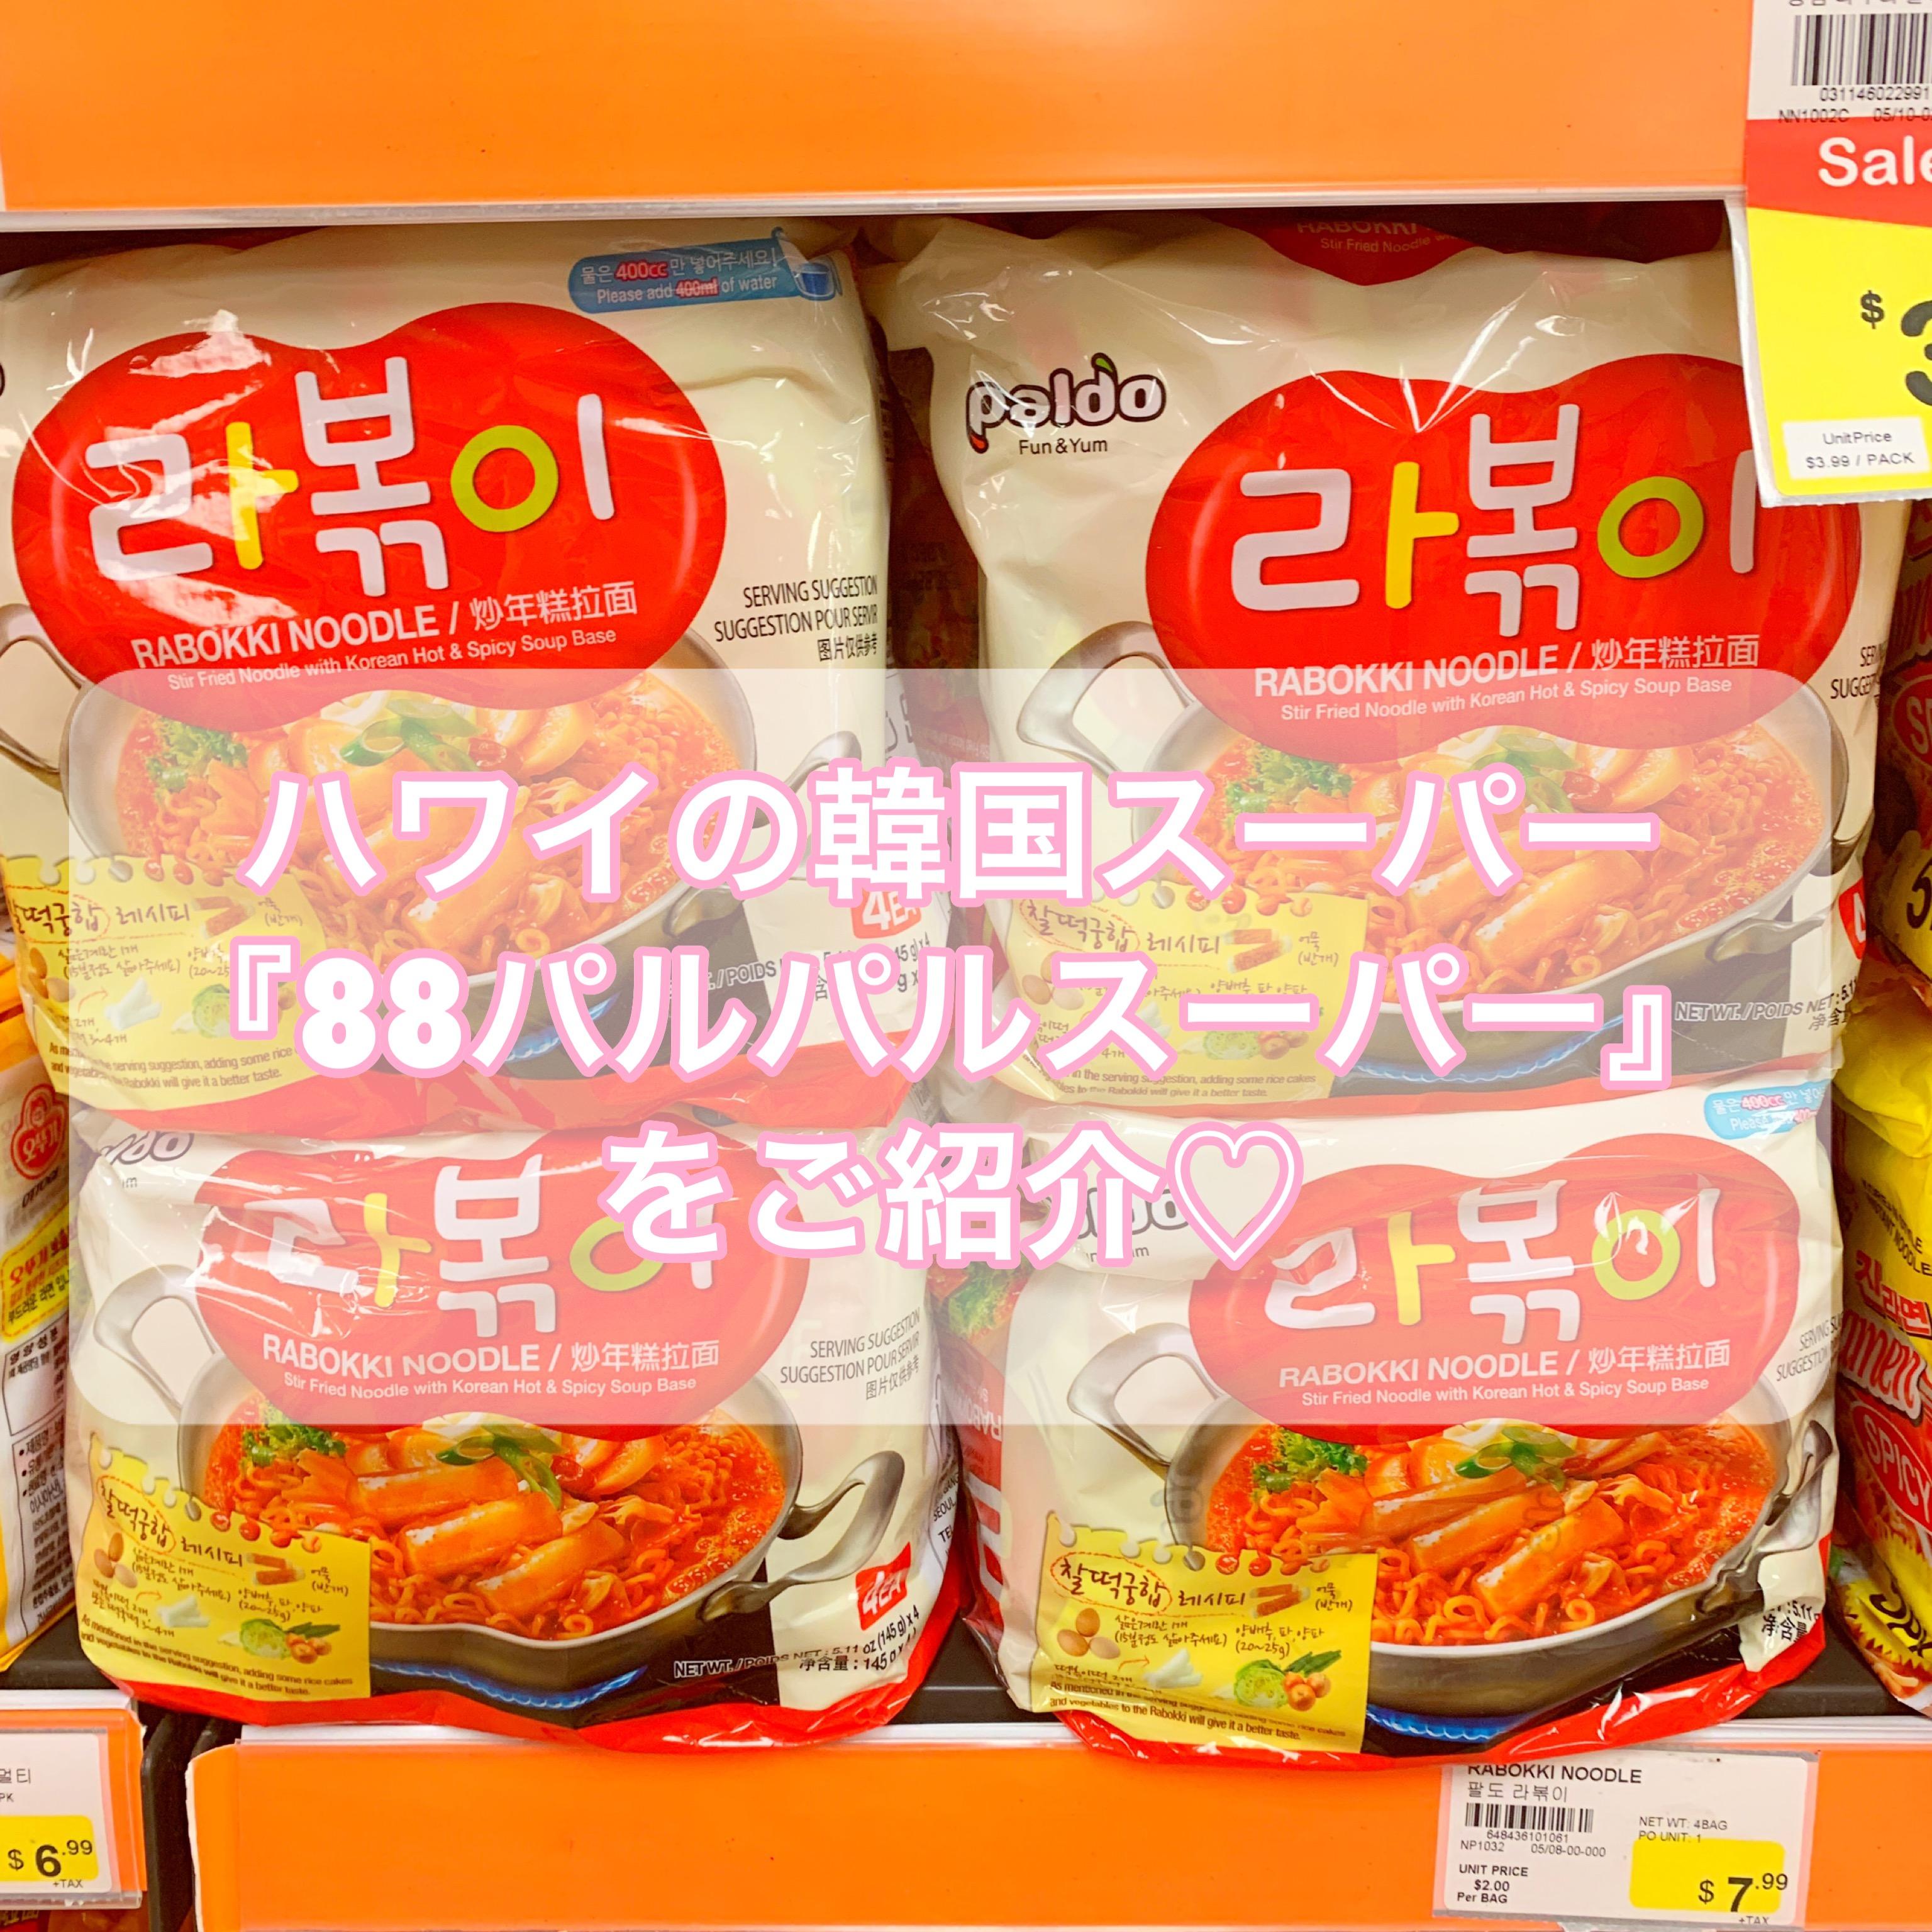 【ハワイの韓国スーパー】「88(パルパル)スーパーマーケット」に潜入【食材豊富】